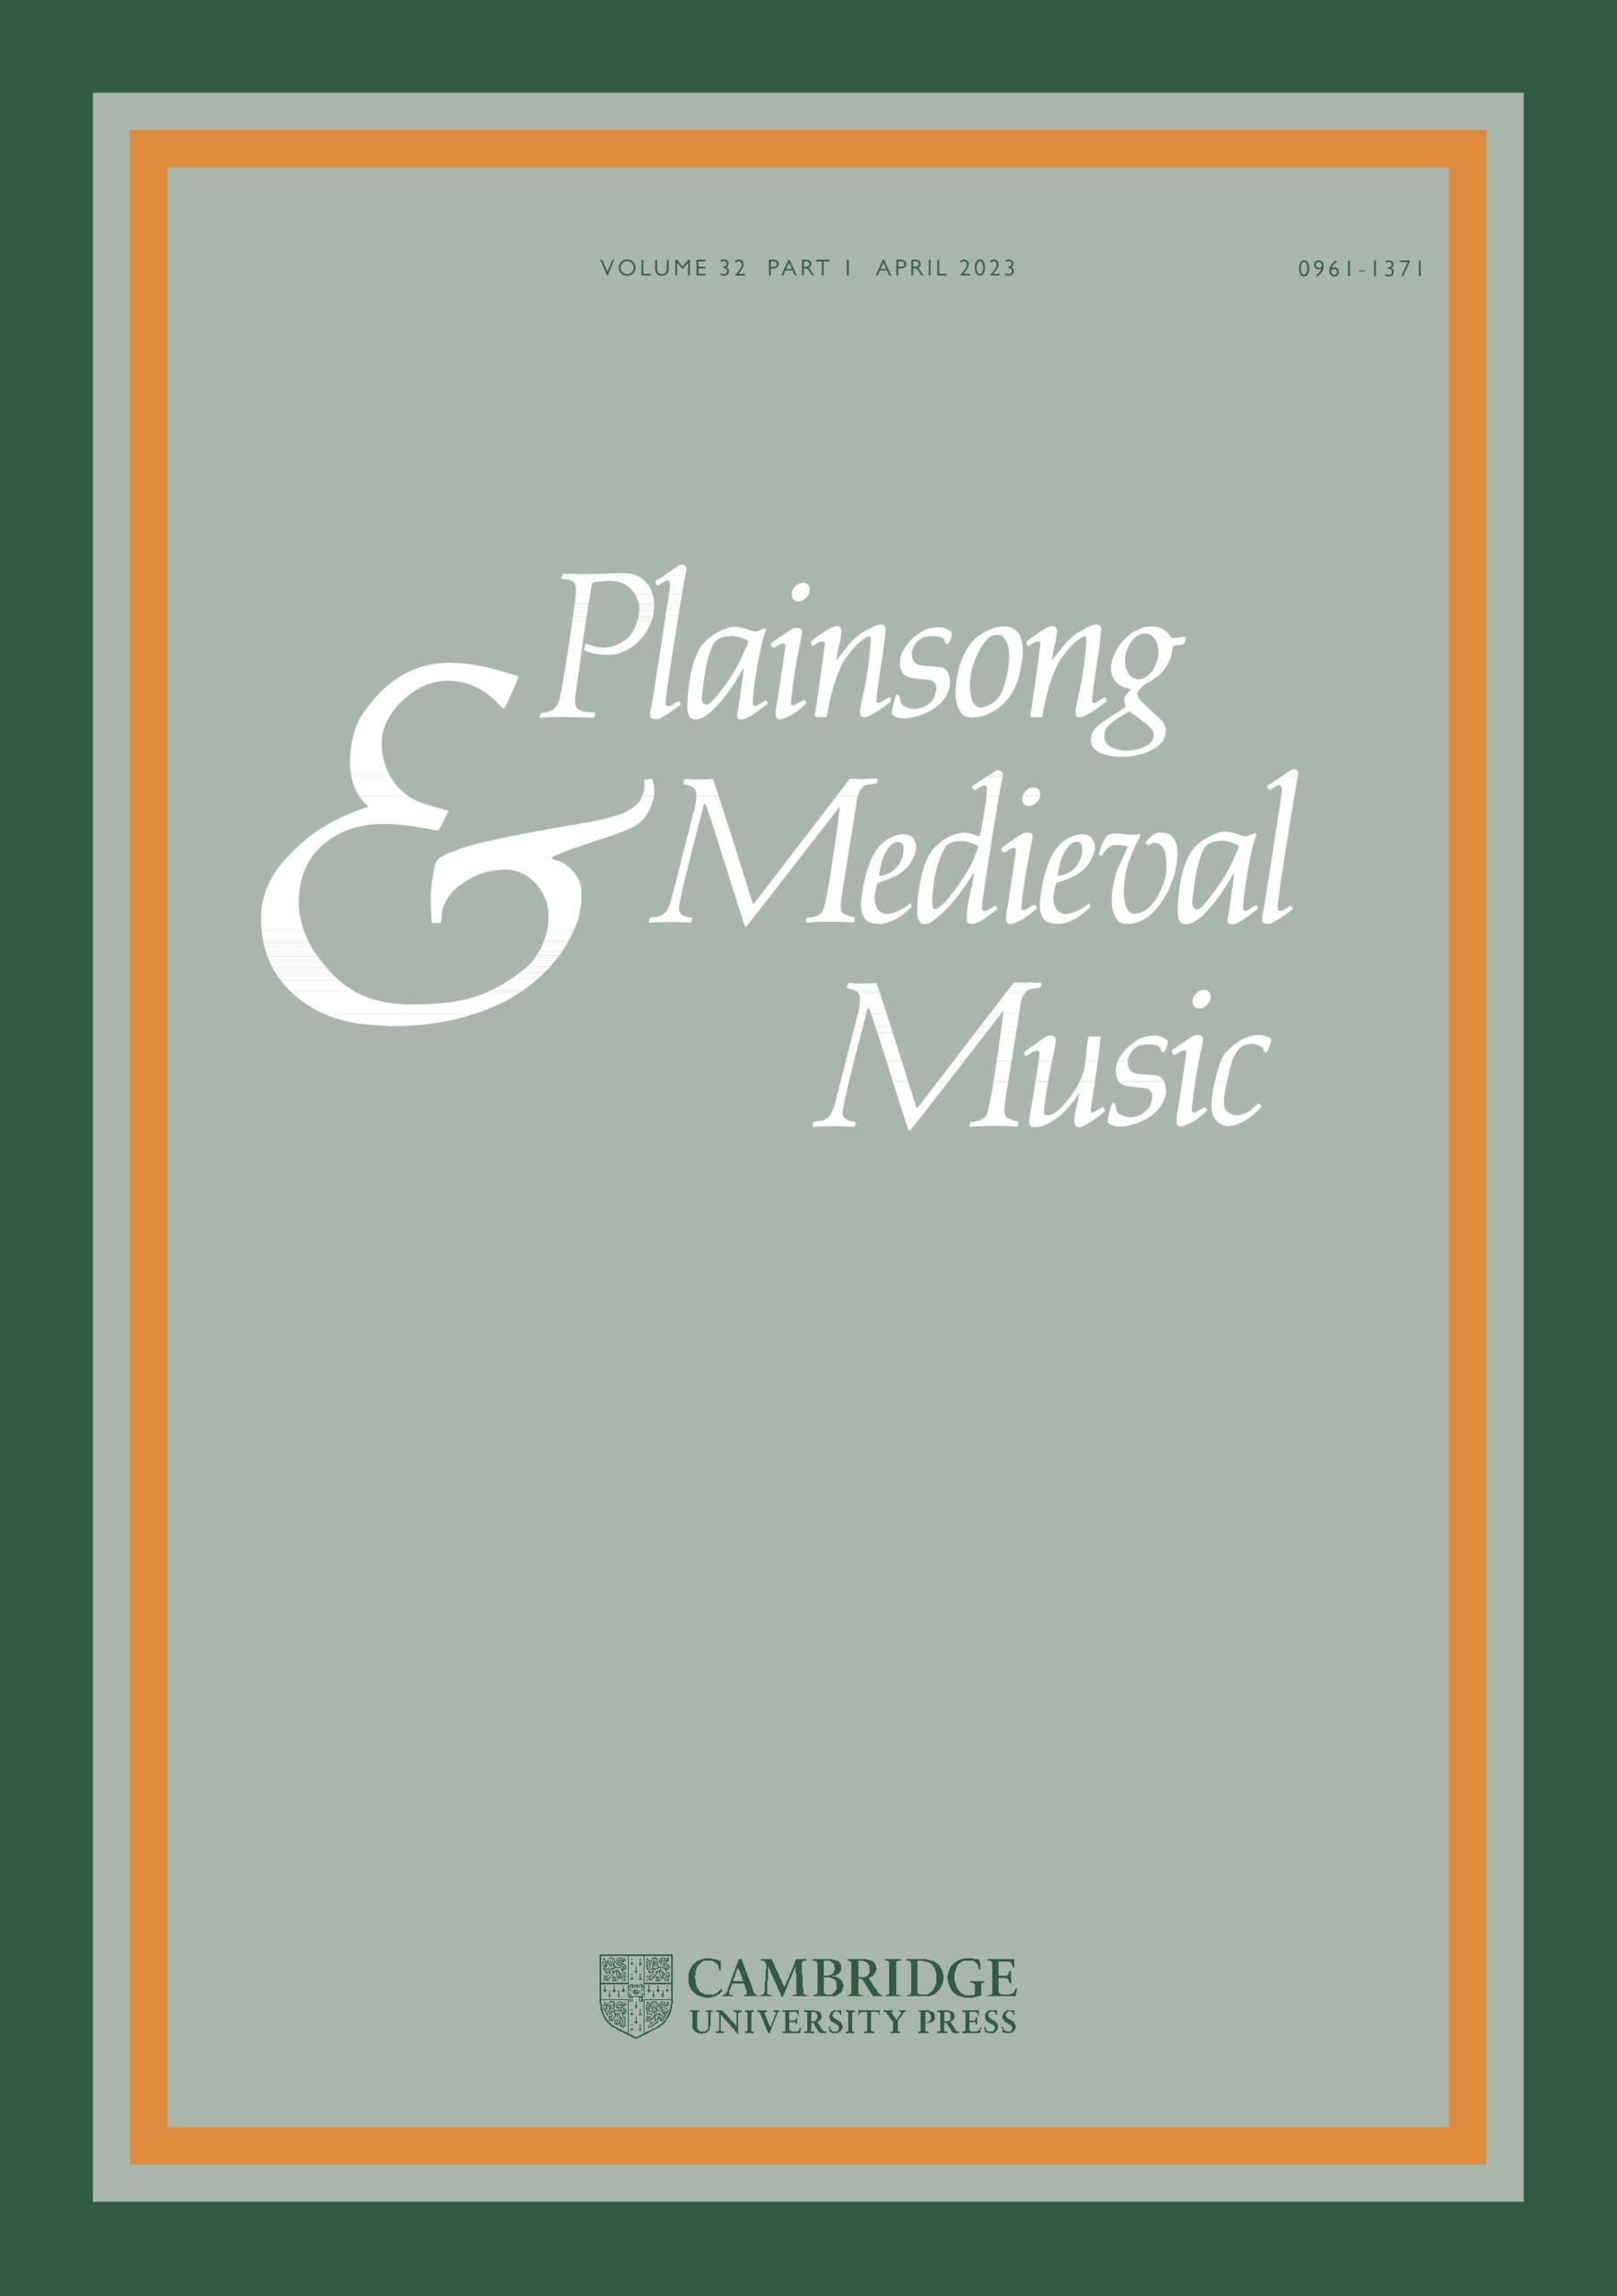 Plainsong & Medieval Music | Cambridge Core